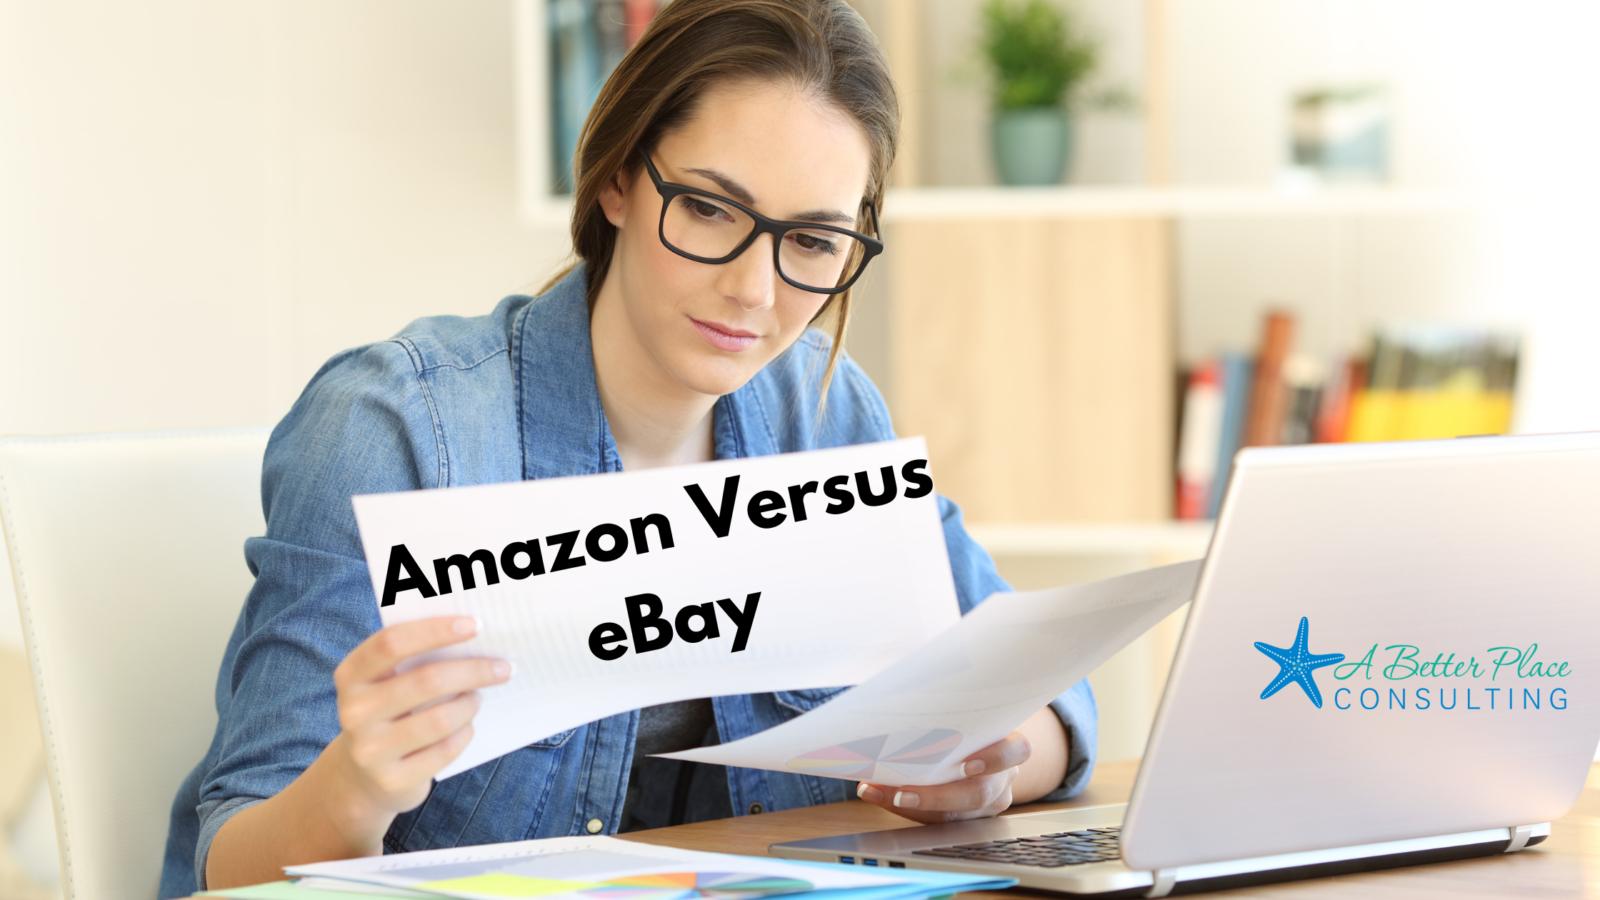 Amazon-Versus-eBay